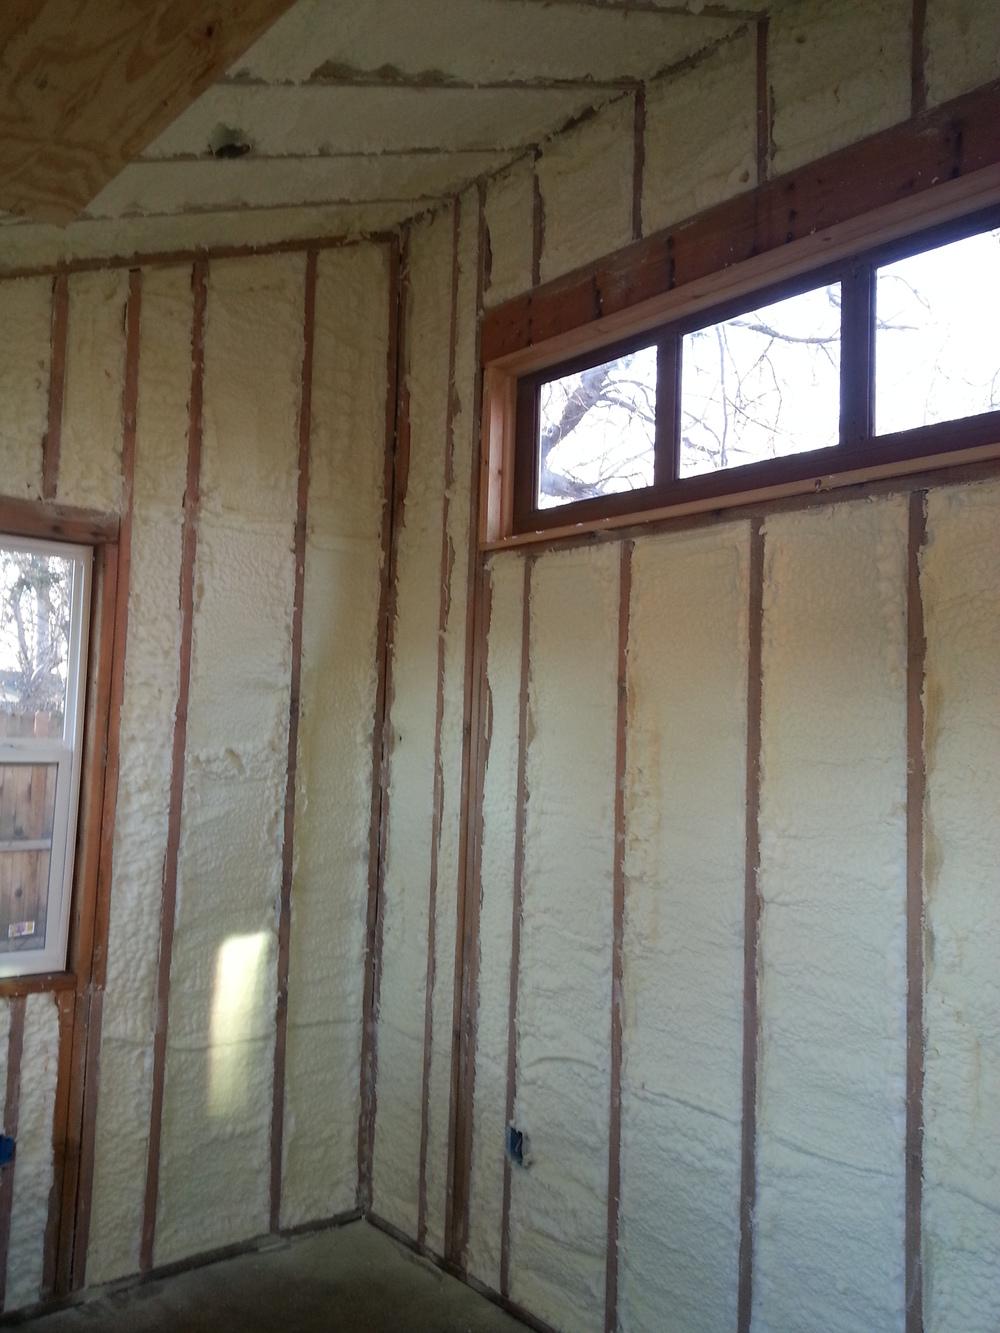 K shed - 035.jpg